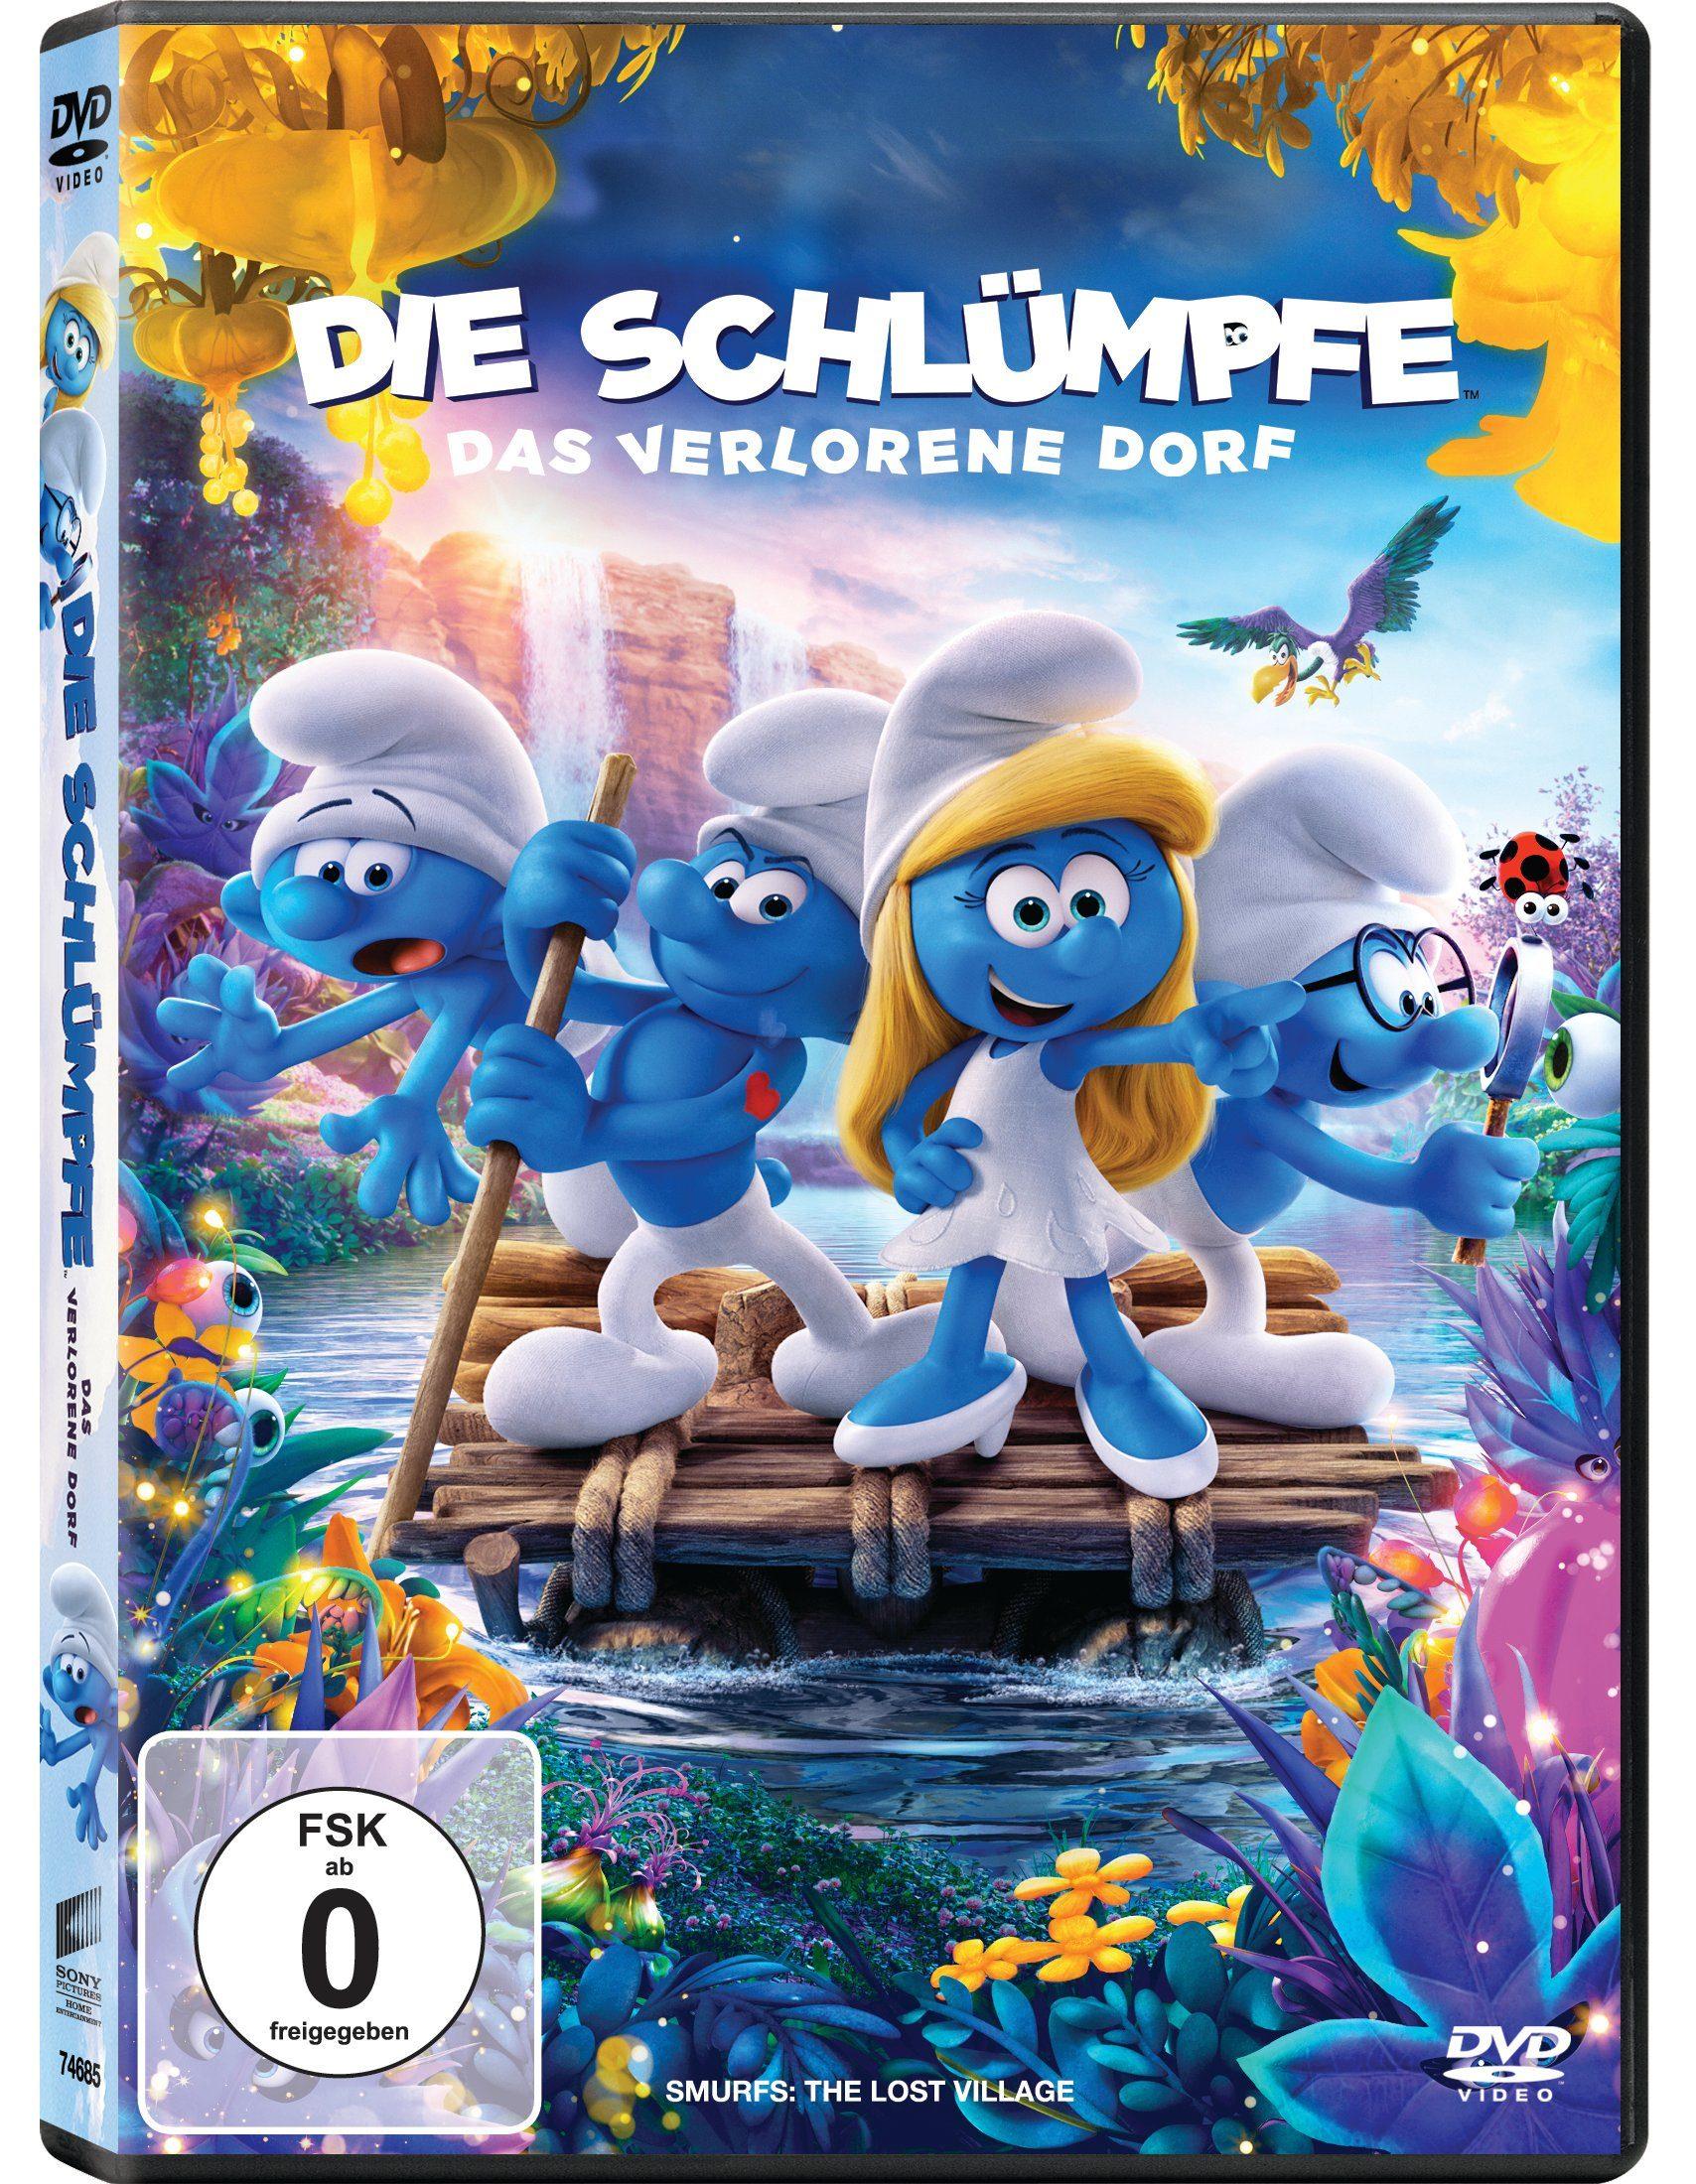 Sony Pictures DVD »Die Schlümpfe - Das verlorene Dorf«